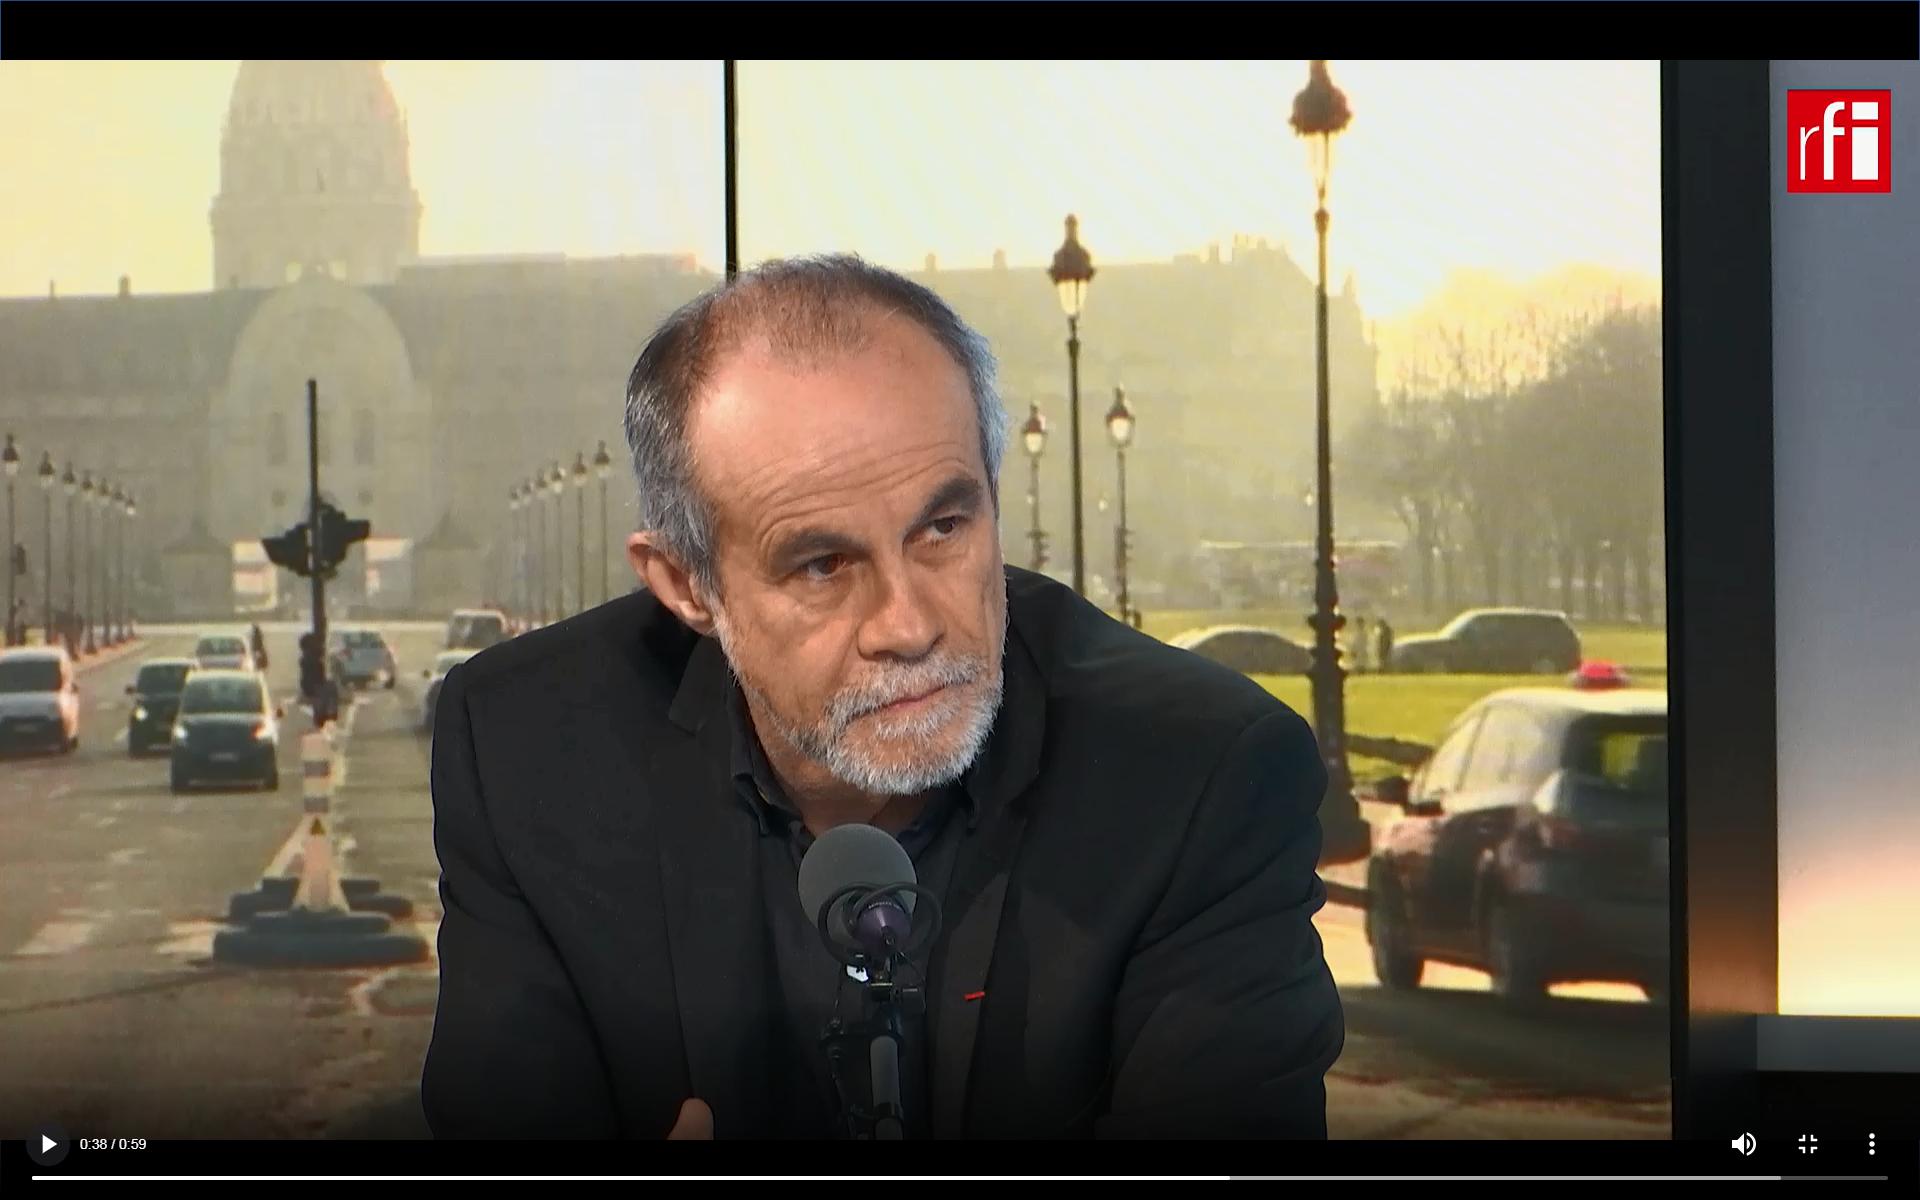 """Carlos Moreno, el creador del concepto de """"Ciudad del quarto de hora"""", invitado de Escala en Paris."""